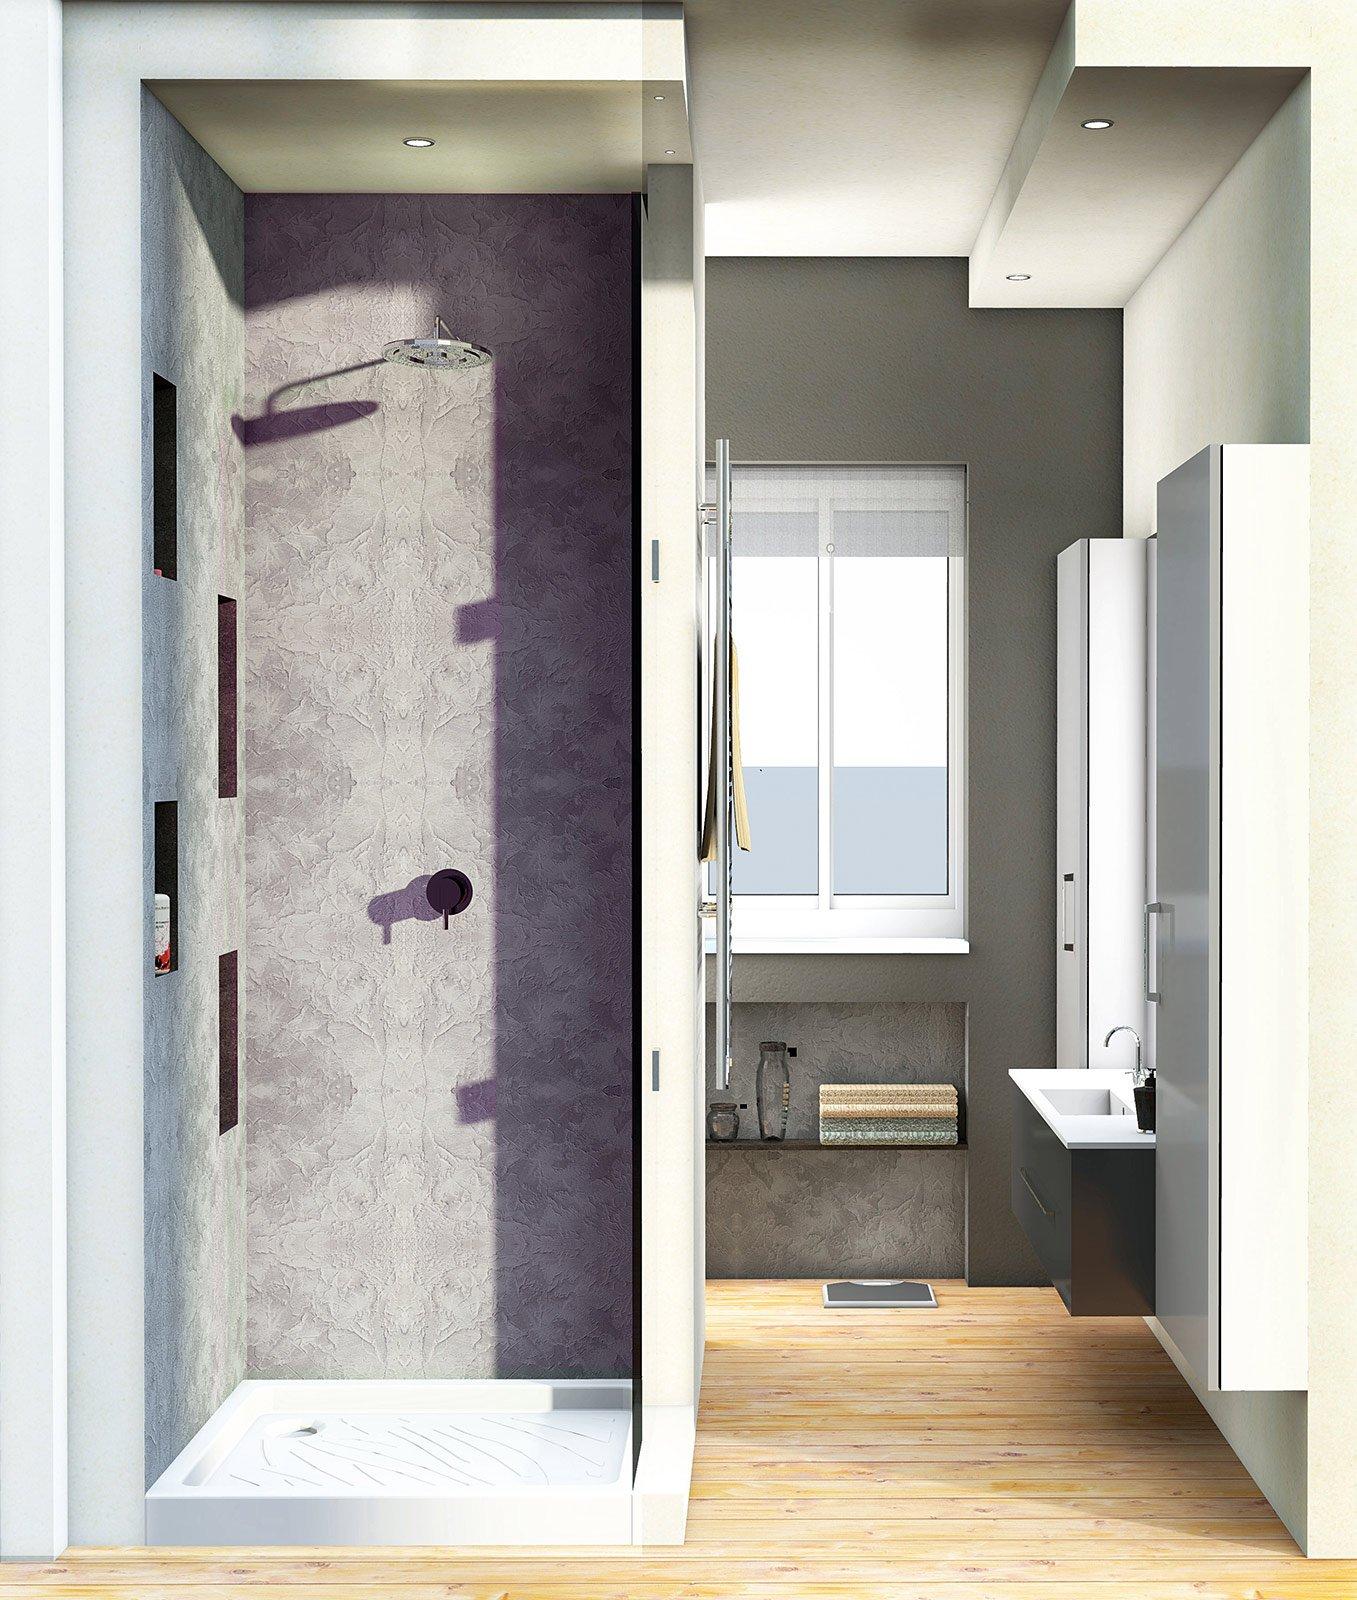 Bagno con pianta del progetto e costi dei lavori seconda soluzione cose di casa - Finestra nella doccia ...